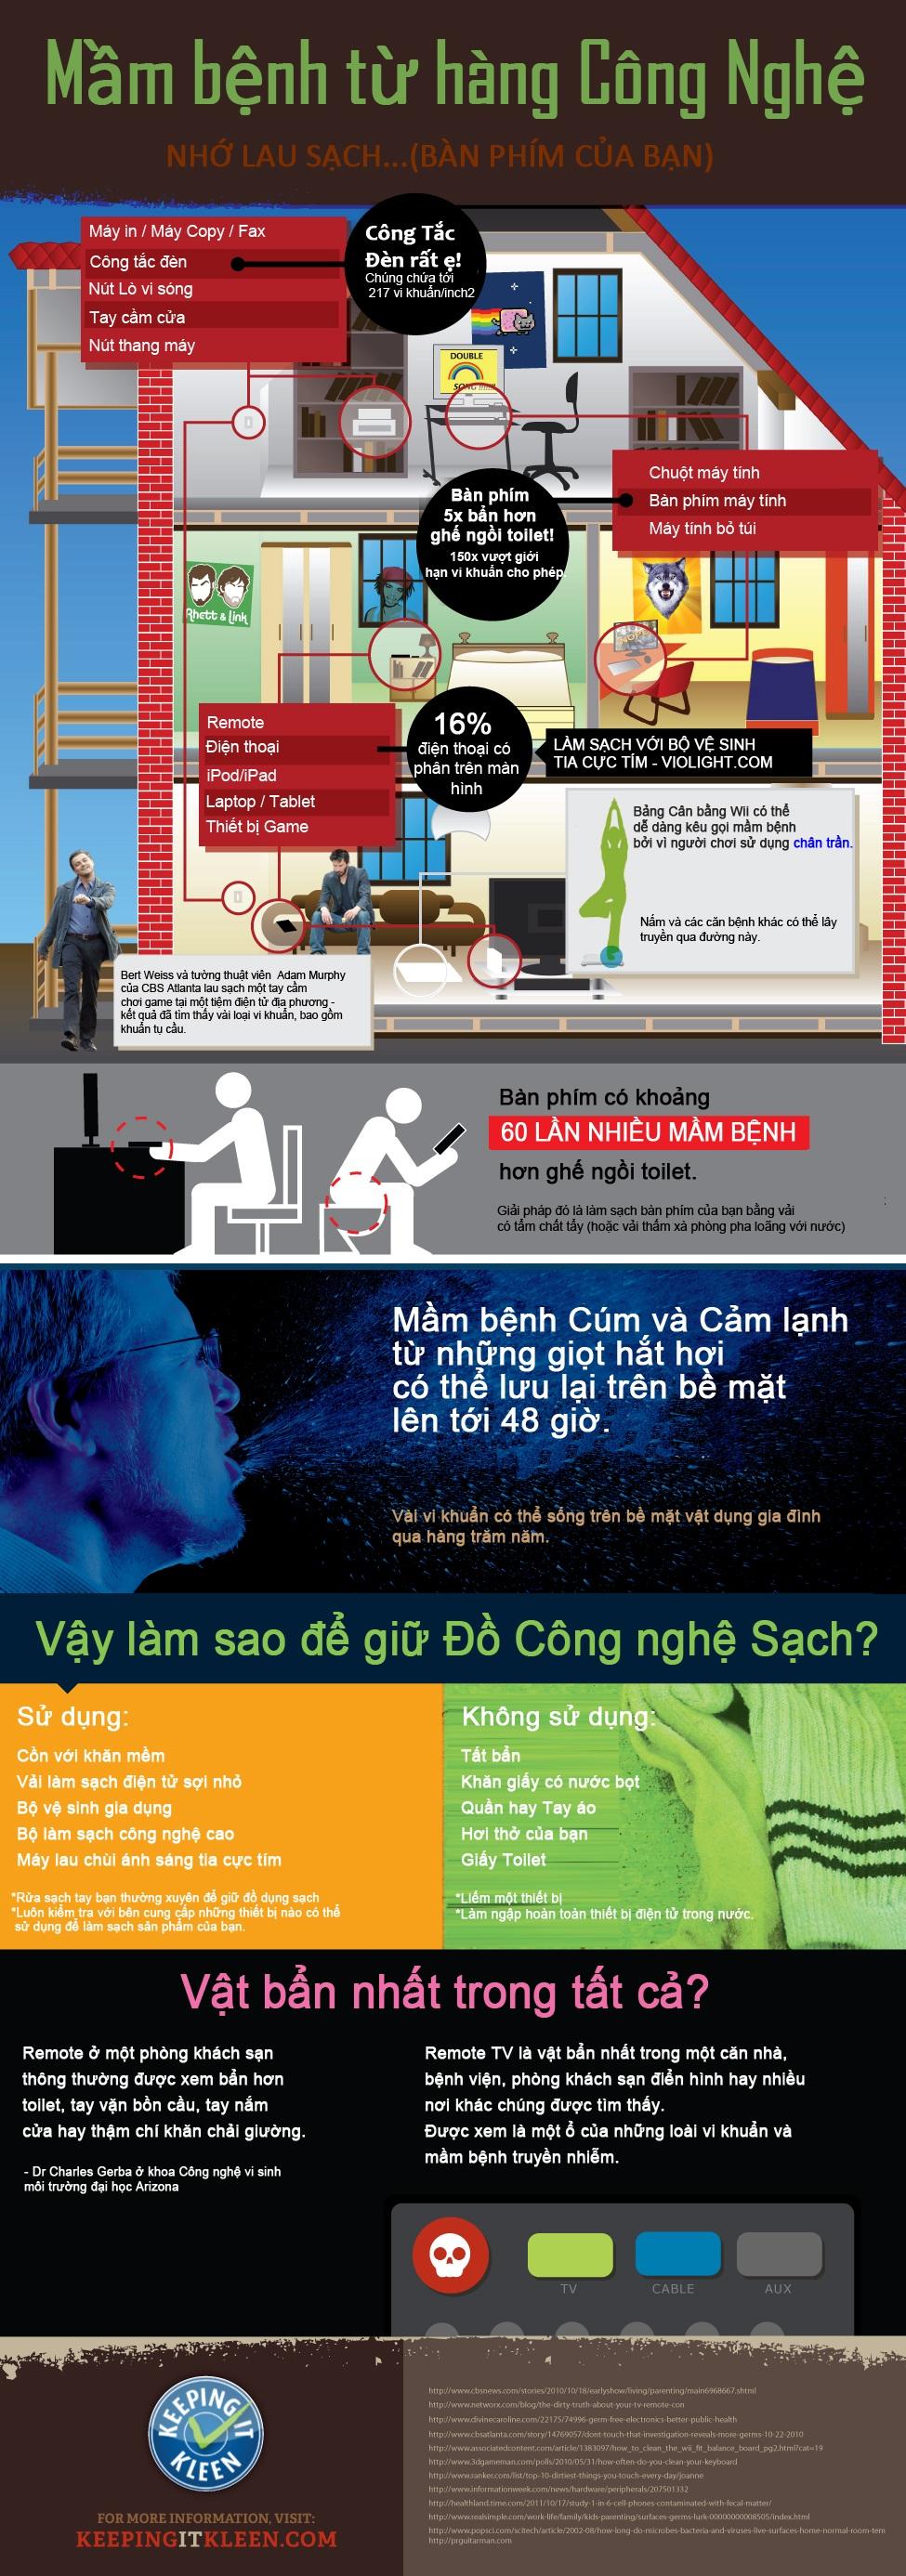 Infographic - Mầm bệnh công nghệ cao